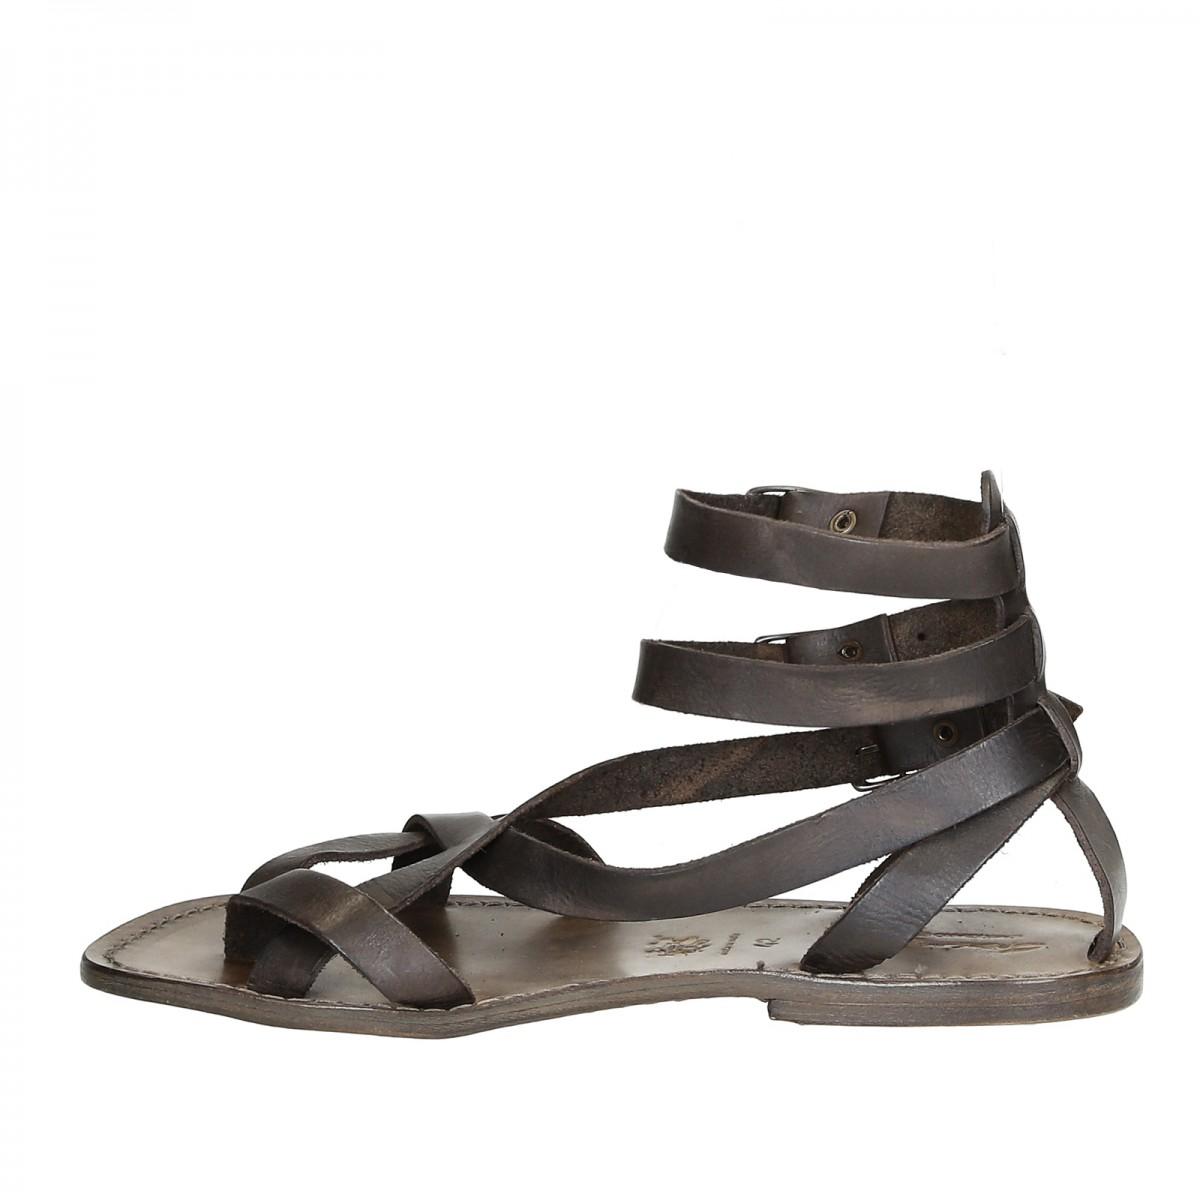 8f802aeb90d ... Men s mud color gladiator sandals Handmade in Italy ...